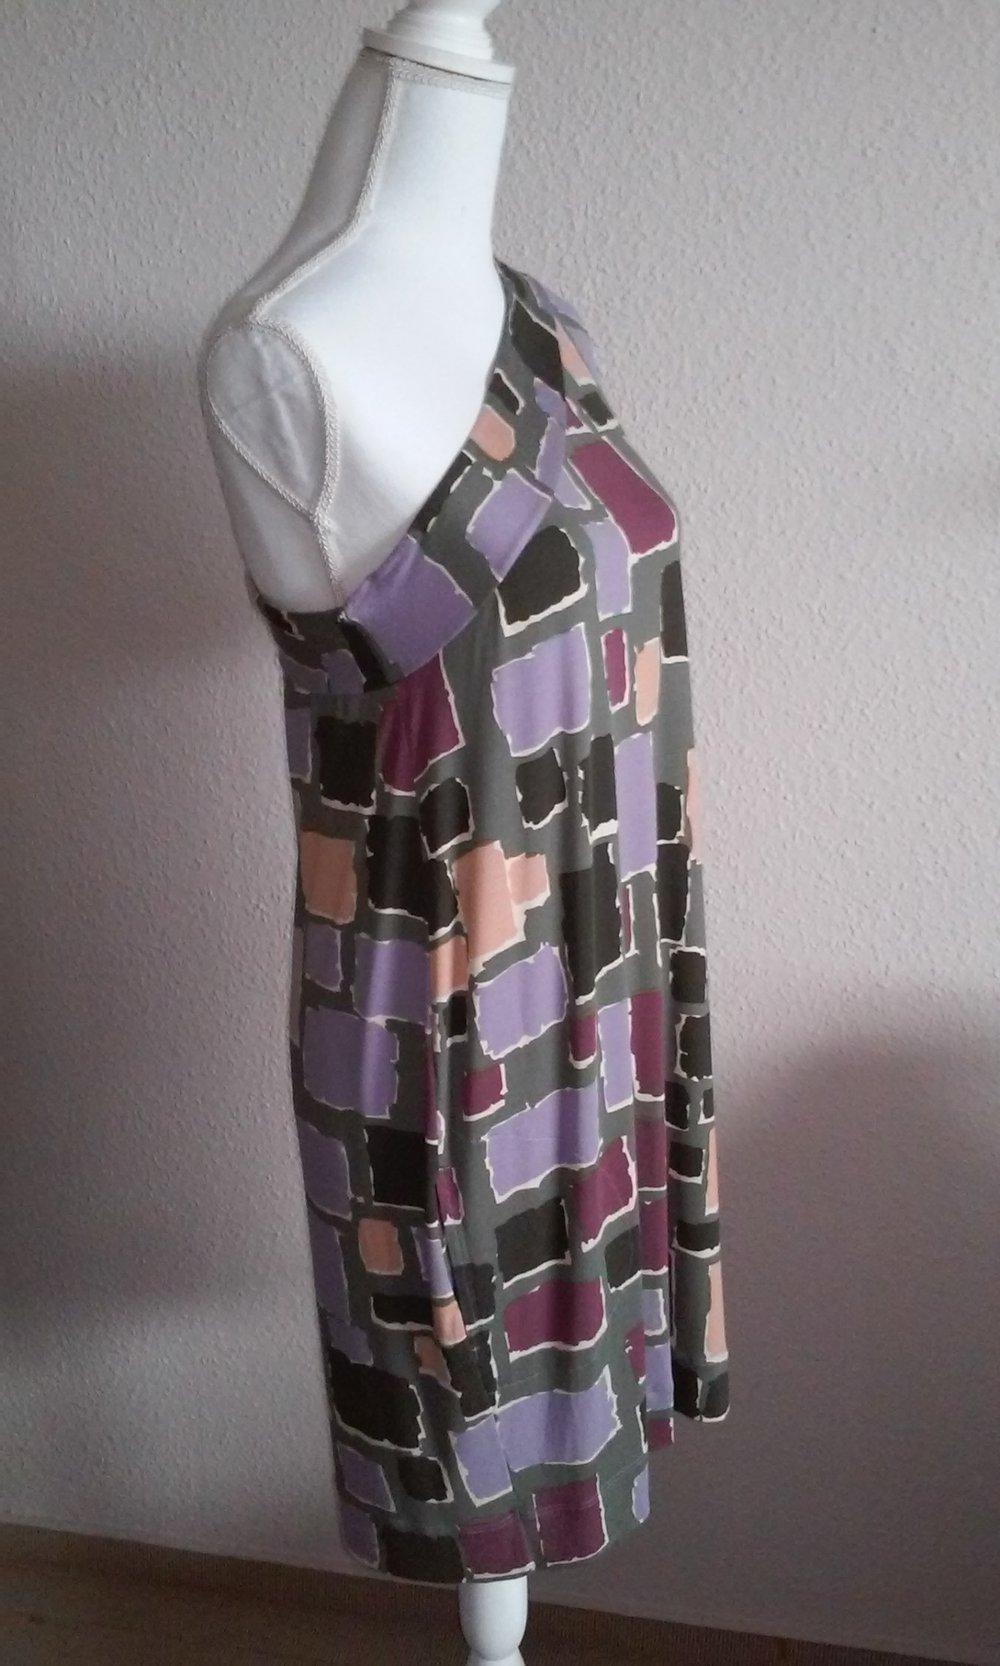 Stile Benetton Kleid Sommerkleid Partykleid Tunika ...